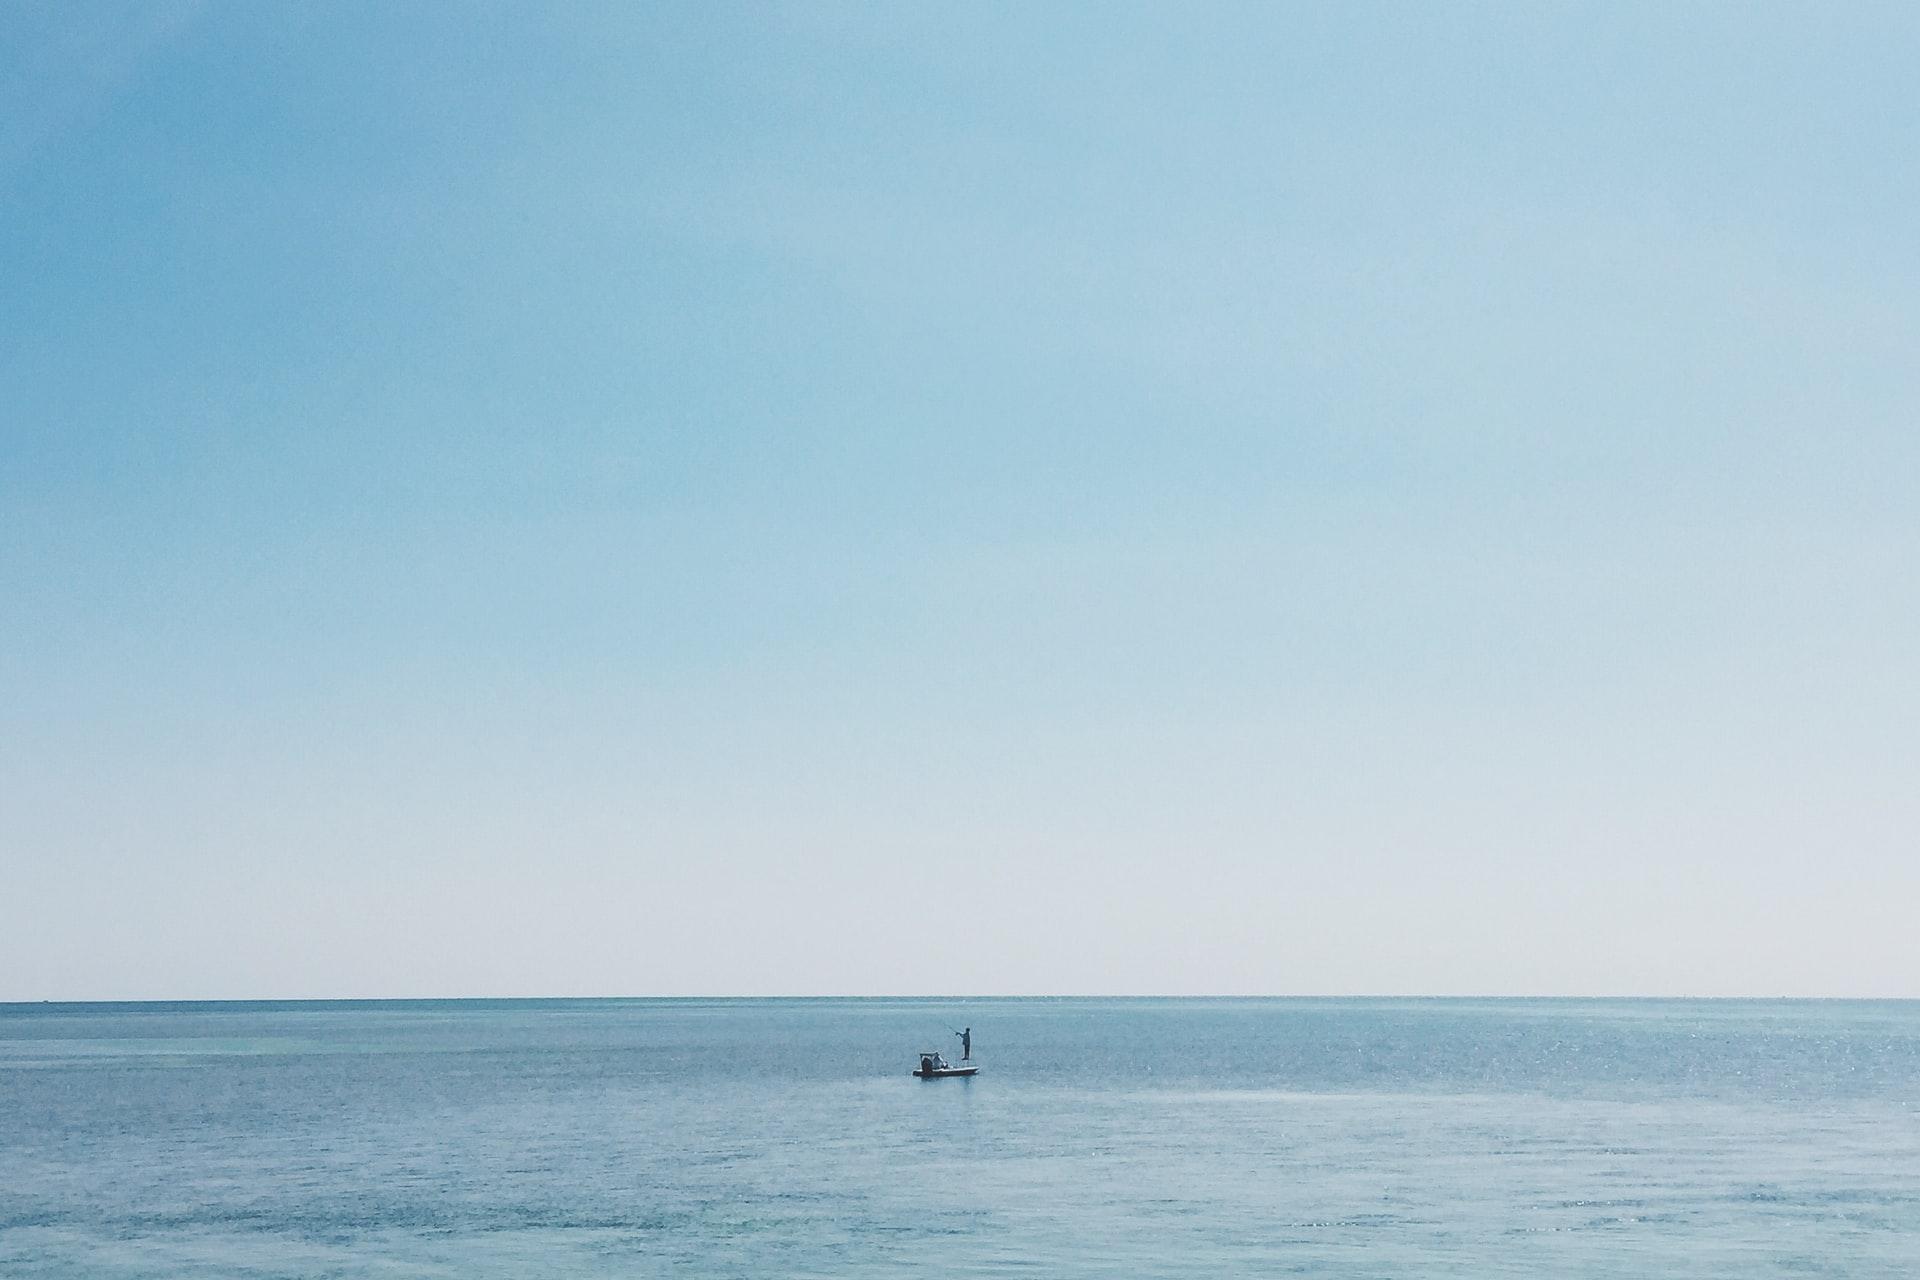 キレイな海の写真